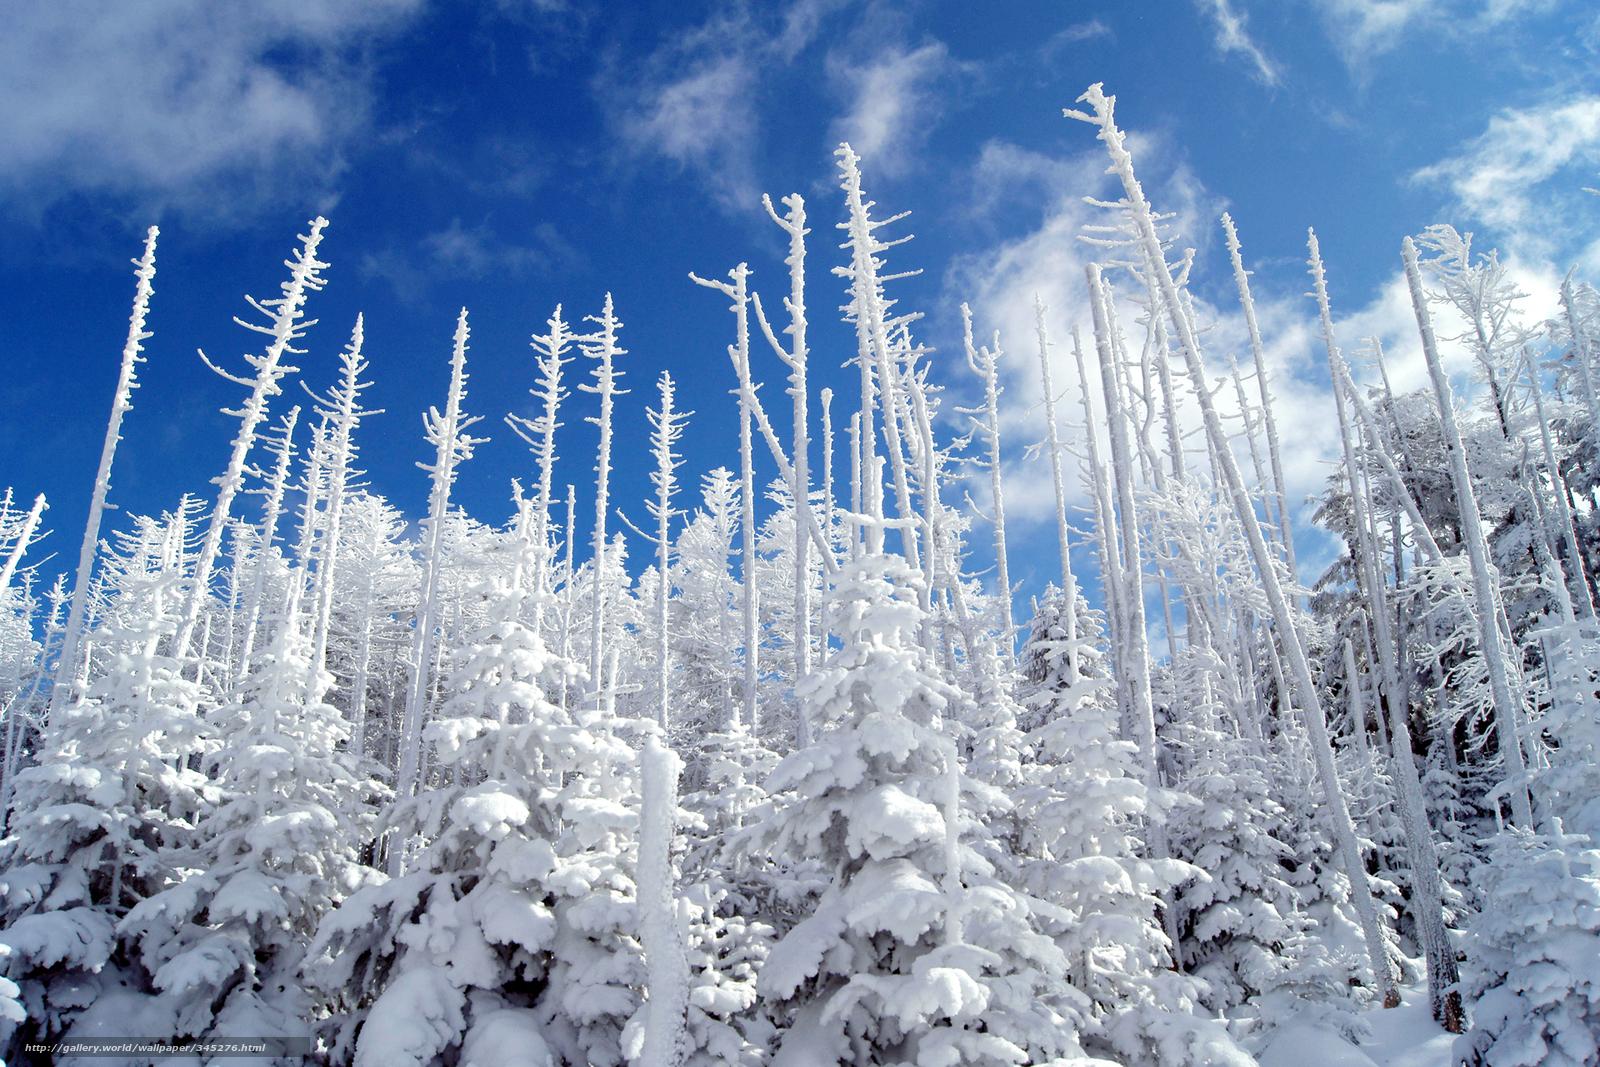 Scaricare gli sfondi natura inverno neve cielo sfondi for Immagini inverno sfondi